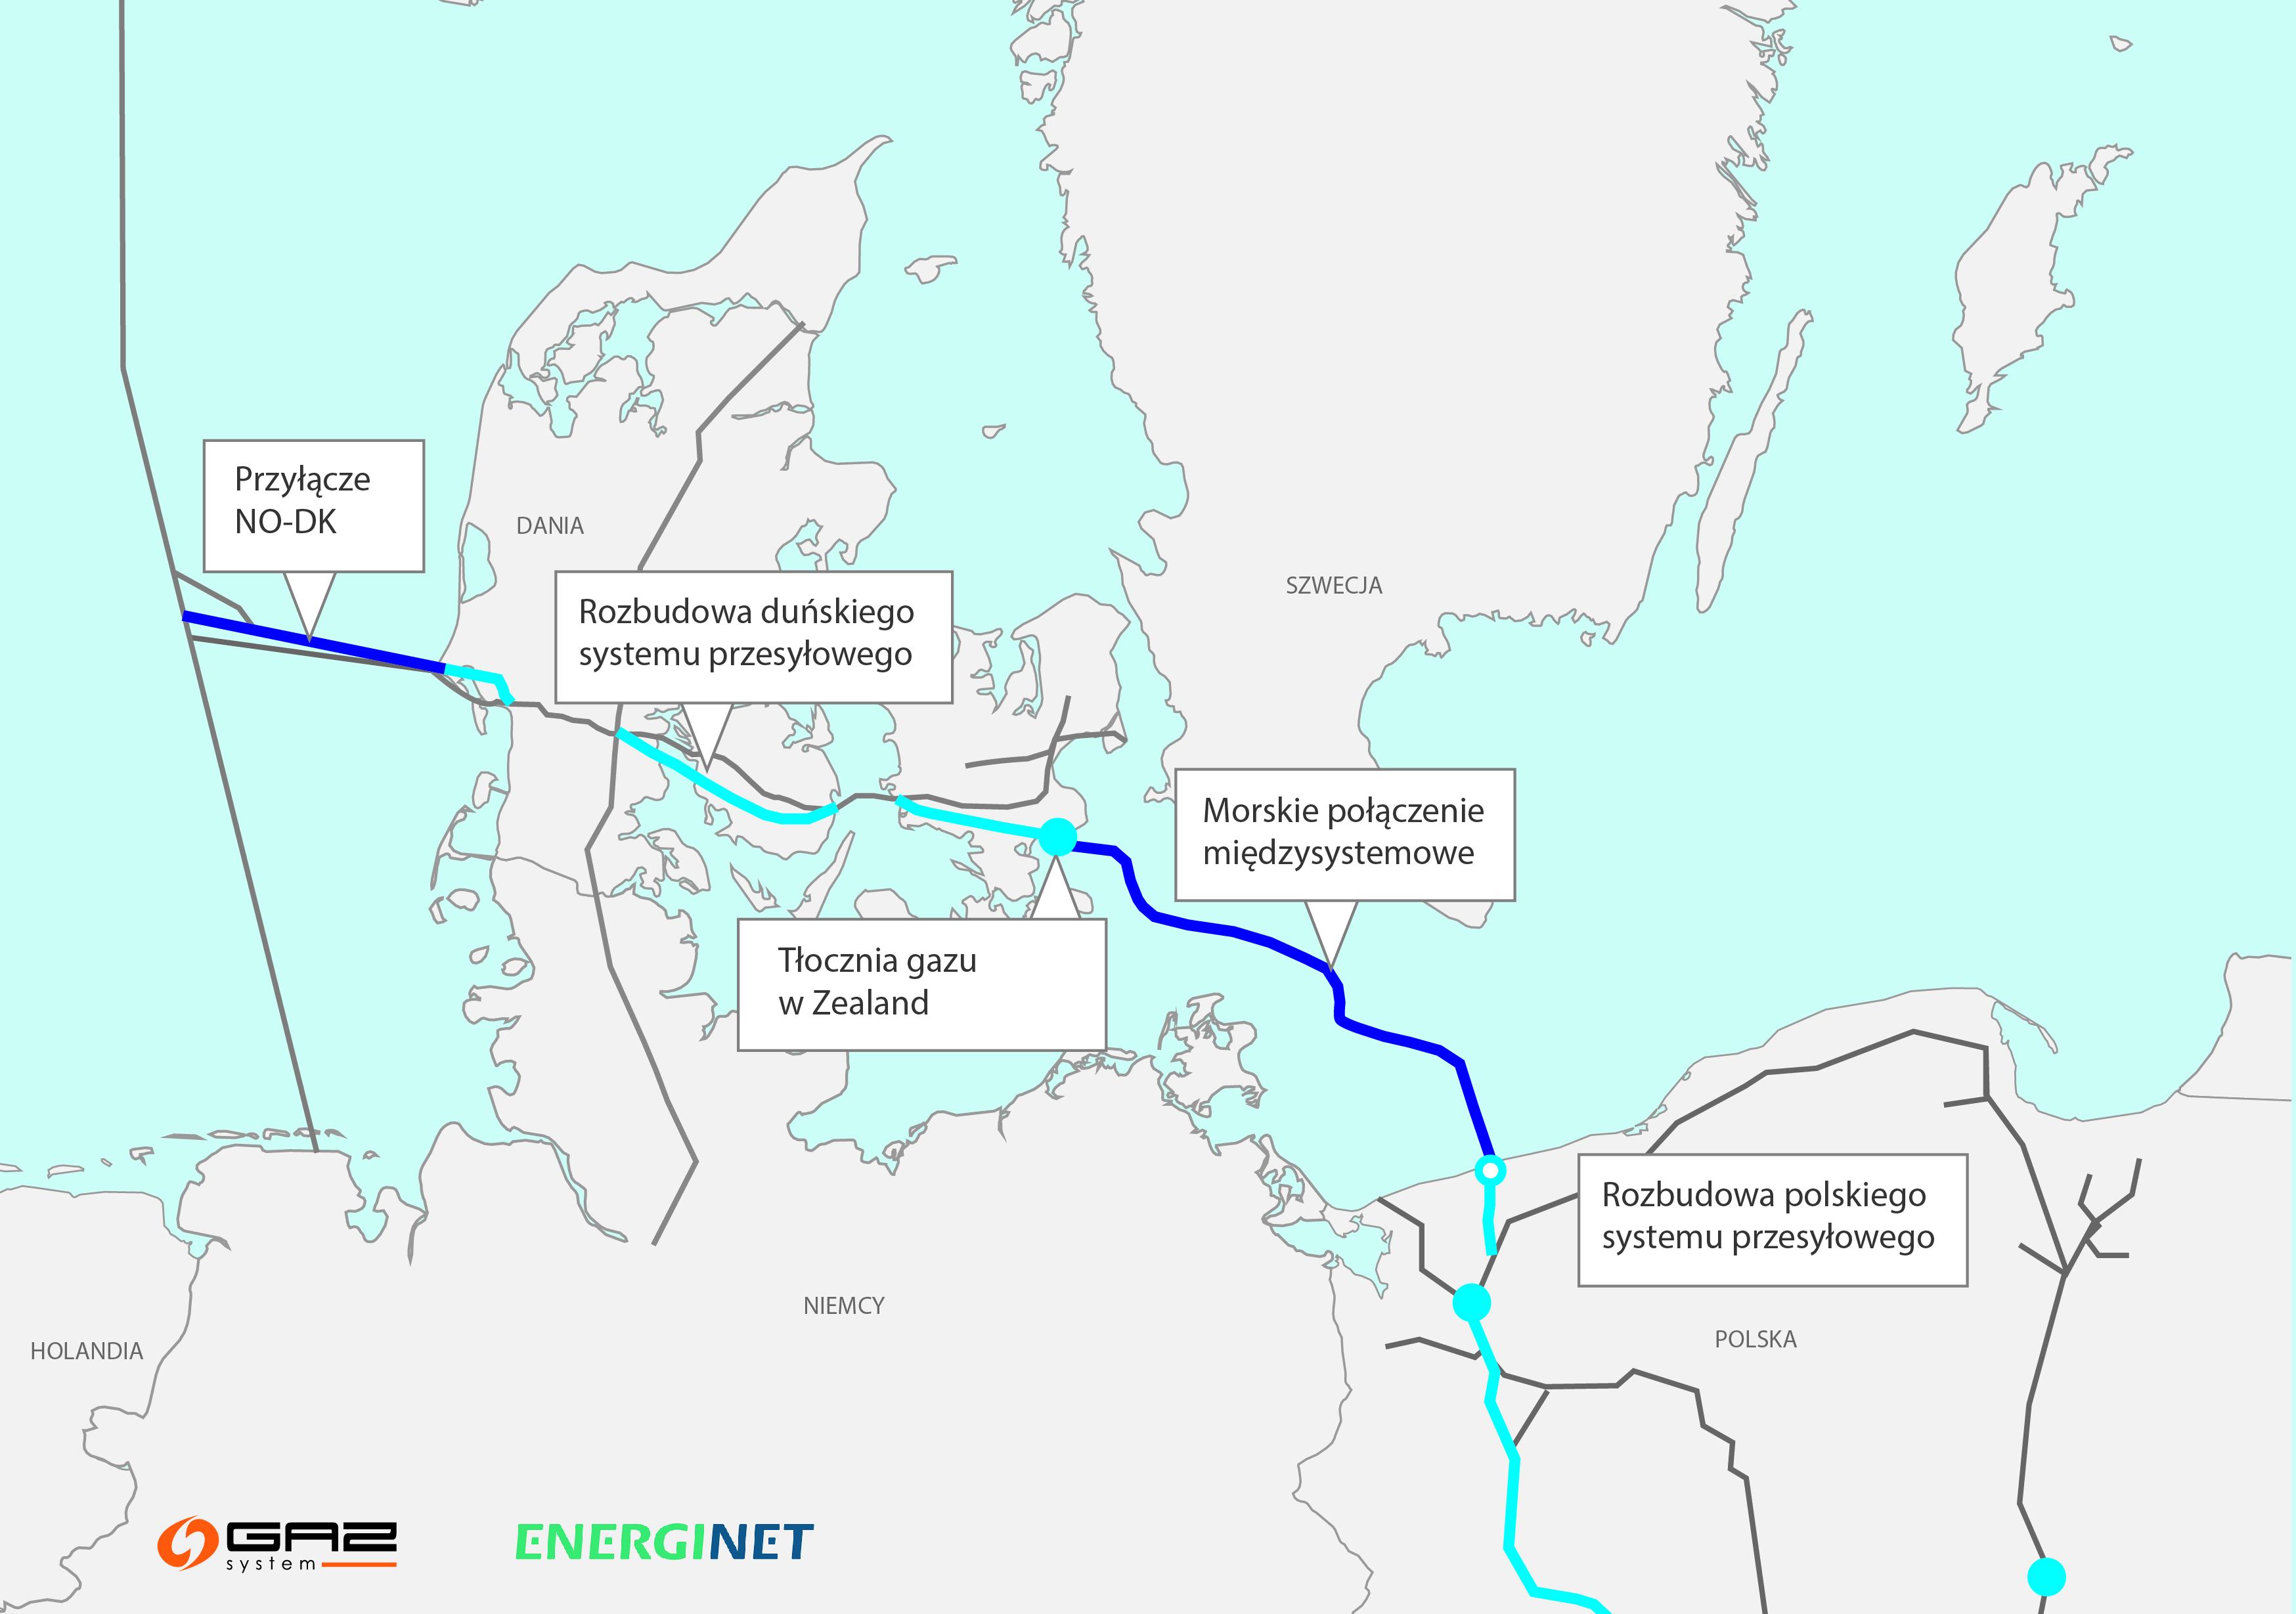 Dania: Rząd zgodził się na budowę Baltic Pipe, który umożliwi dostawy do Polski gazu ziemnego z Norwegii